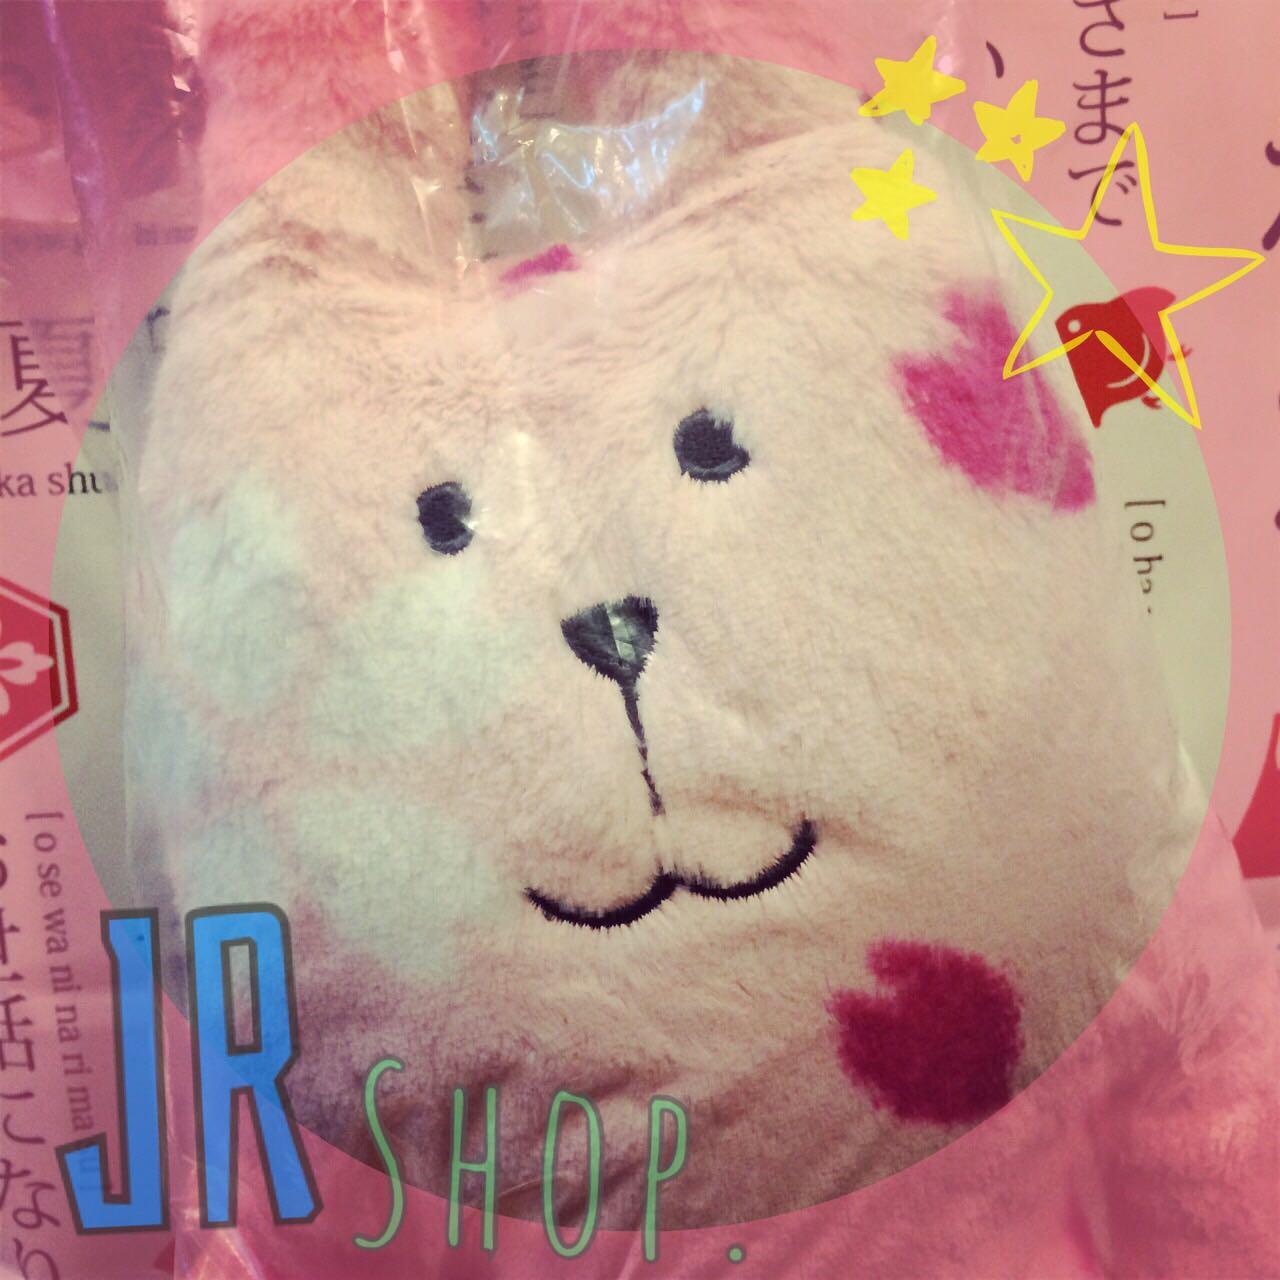 jrshop